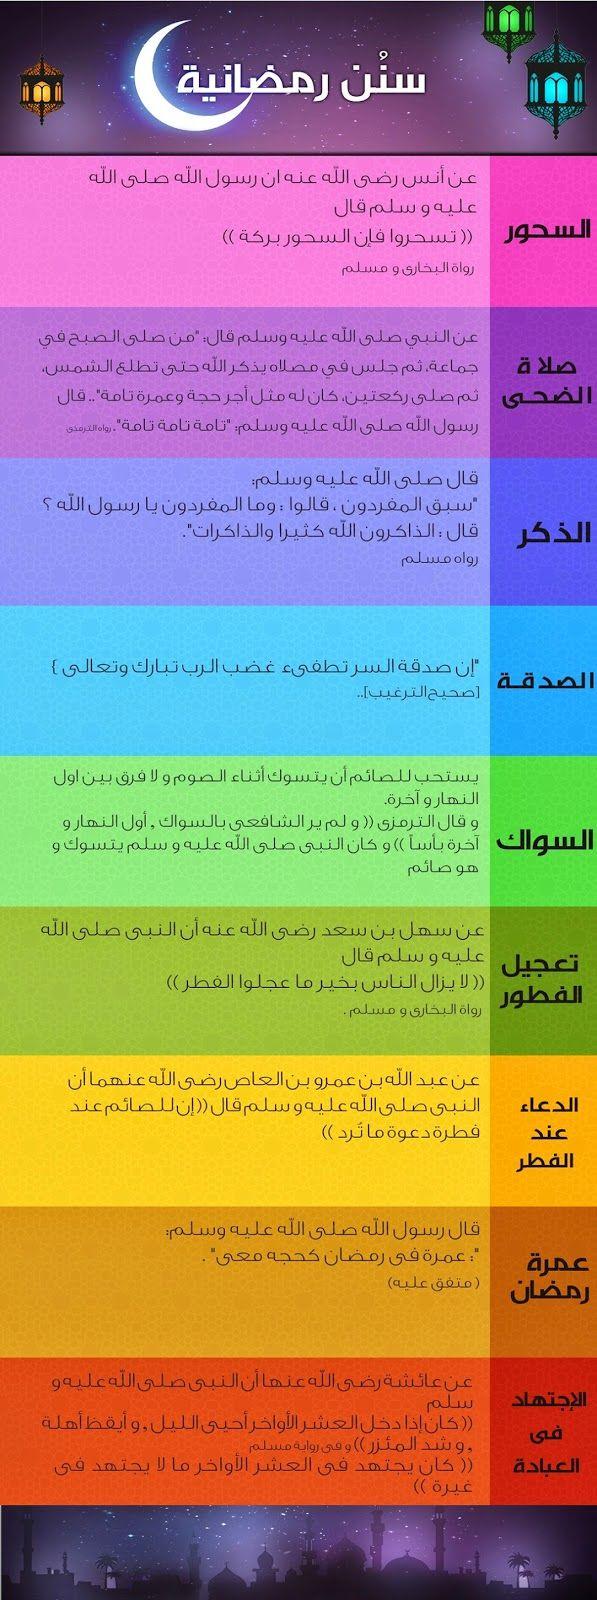 سنن يجب القيام بها في شهر رمضان المبارك شهر رمضان المبارك شهر الطاعة والمغفرة والتوبة وبلا شك يتنافس المتنافسون لنيل Ramadan Learn Islam Ramadan Activities